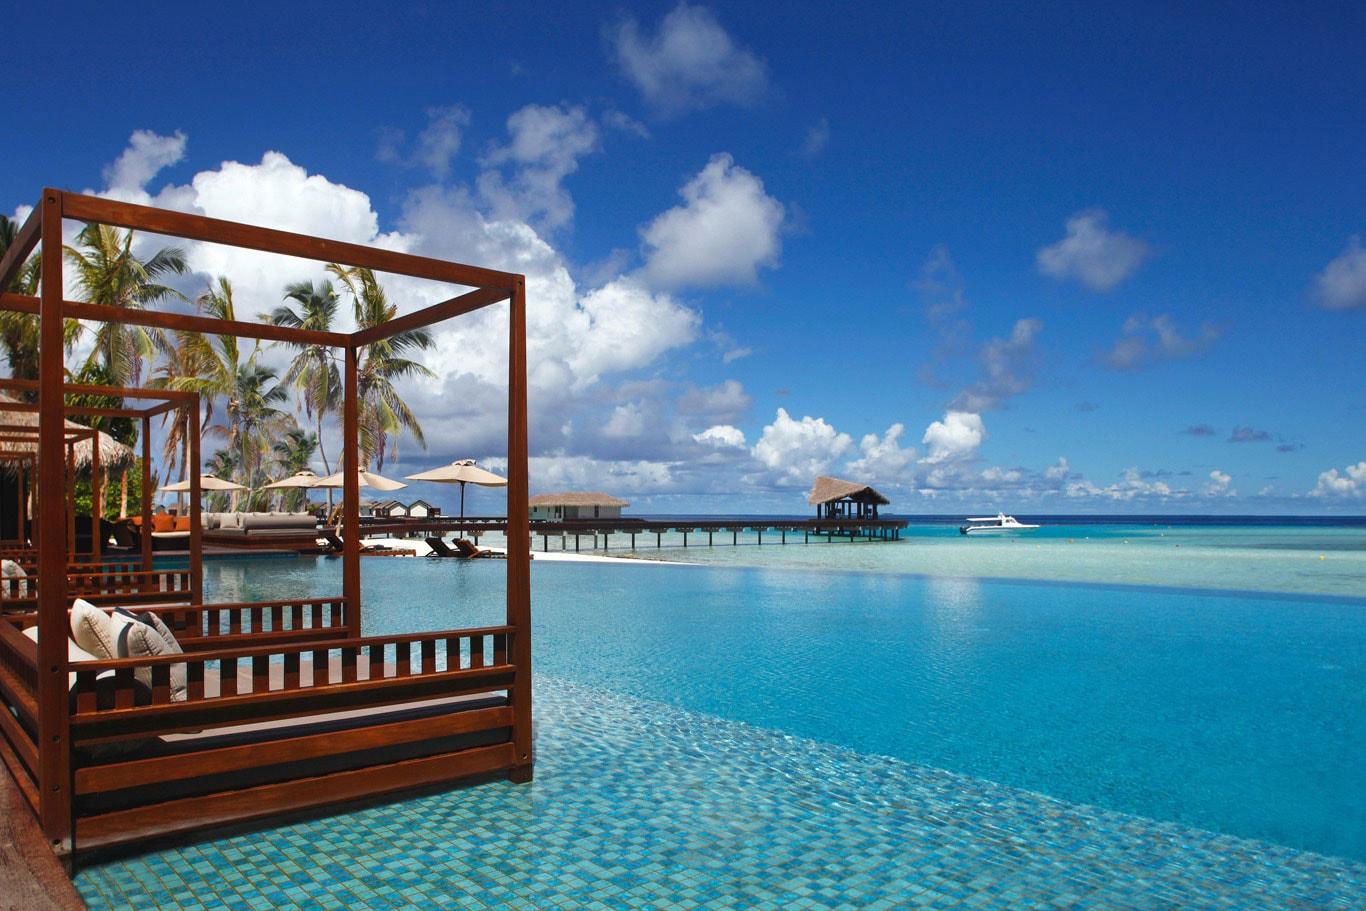 Piscina para relajarse en Maldivas